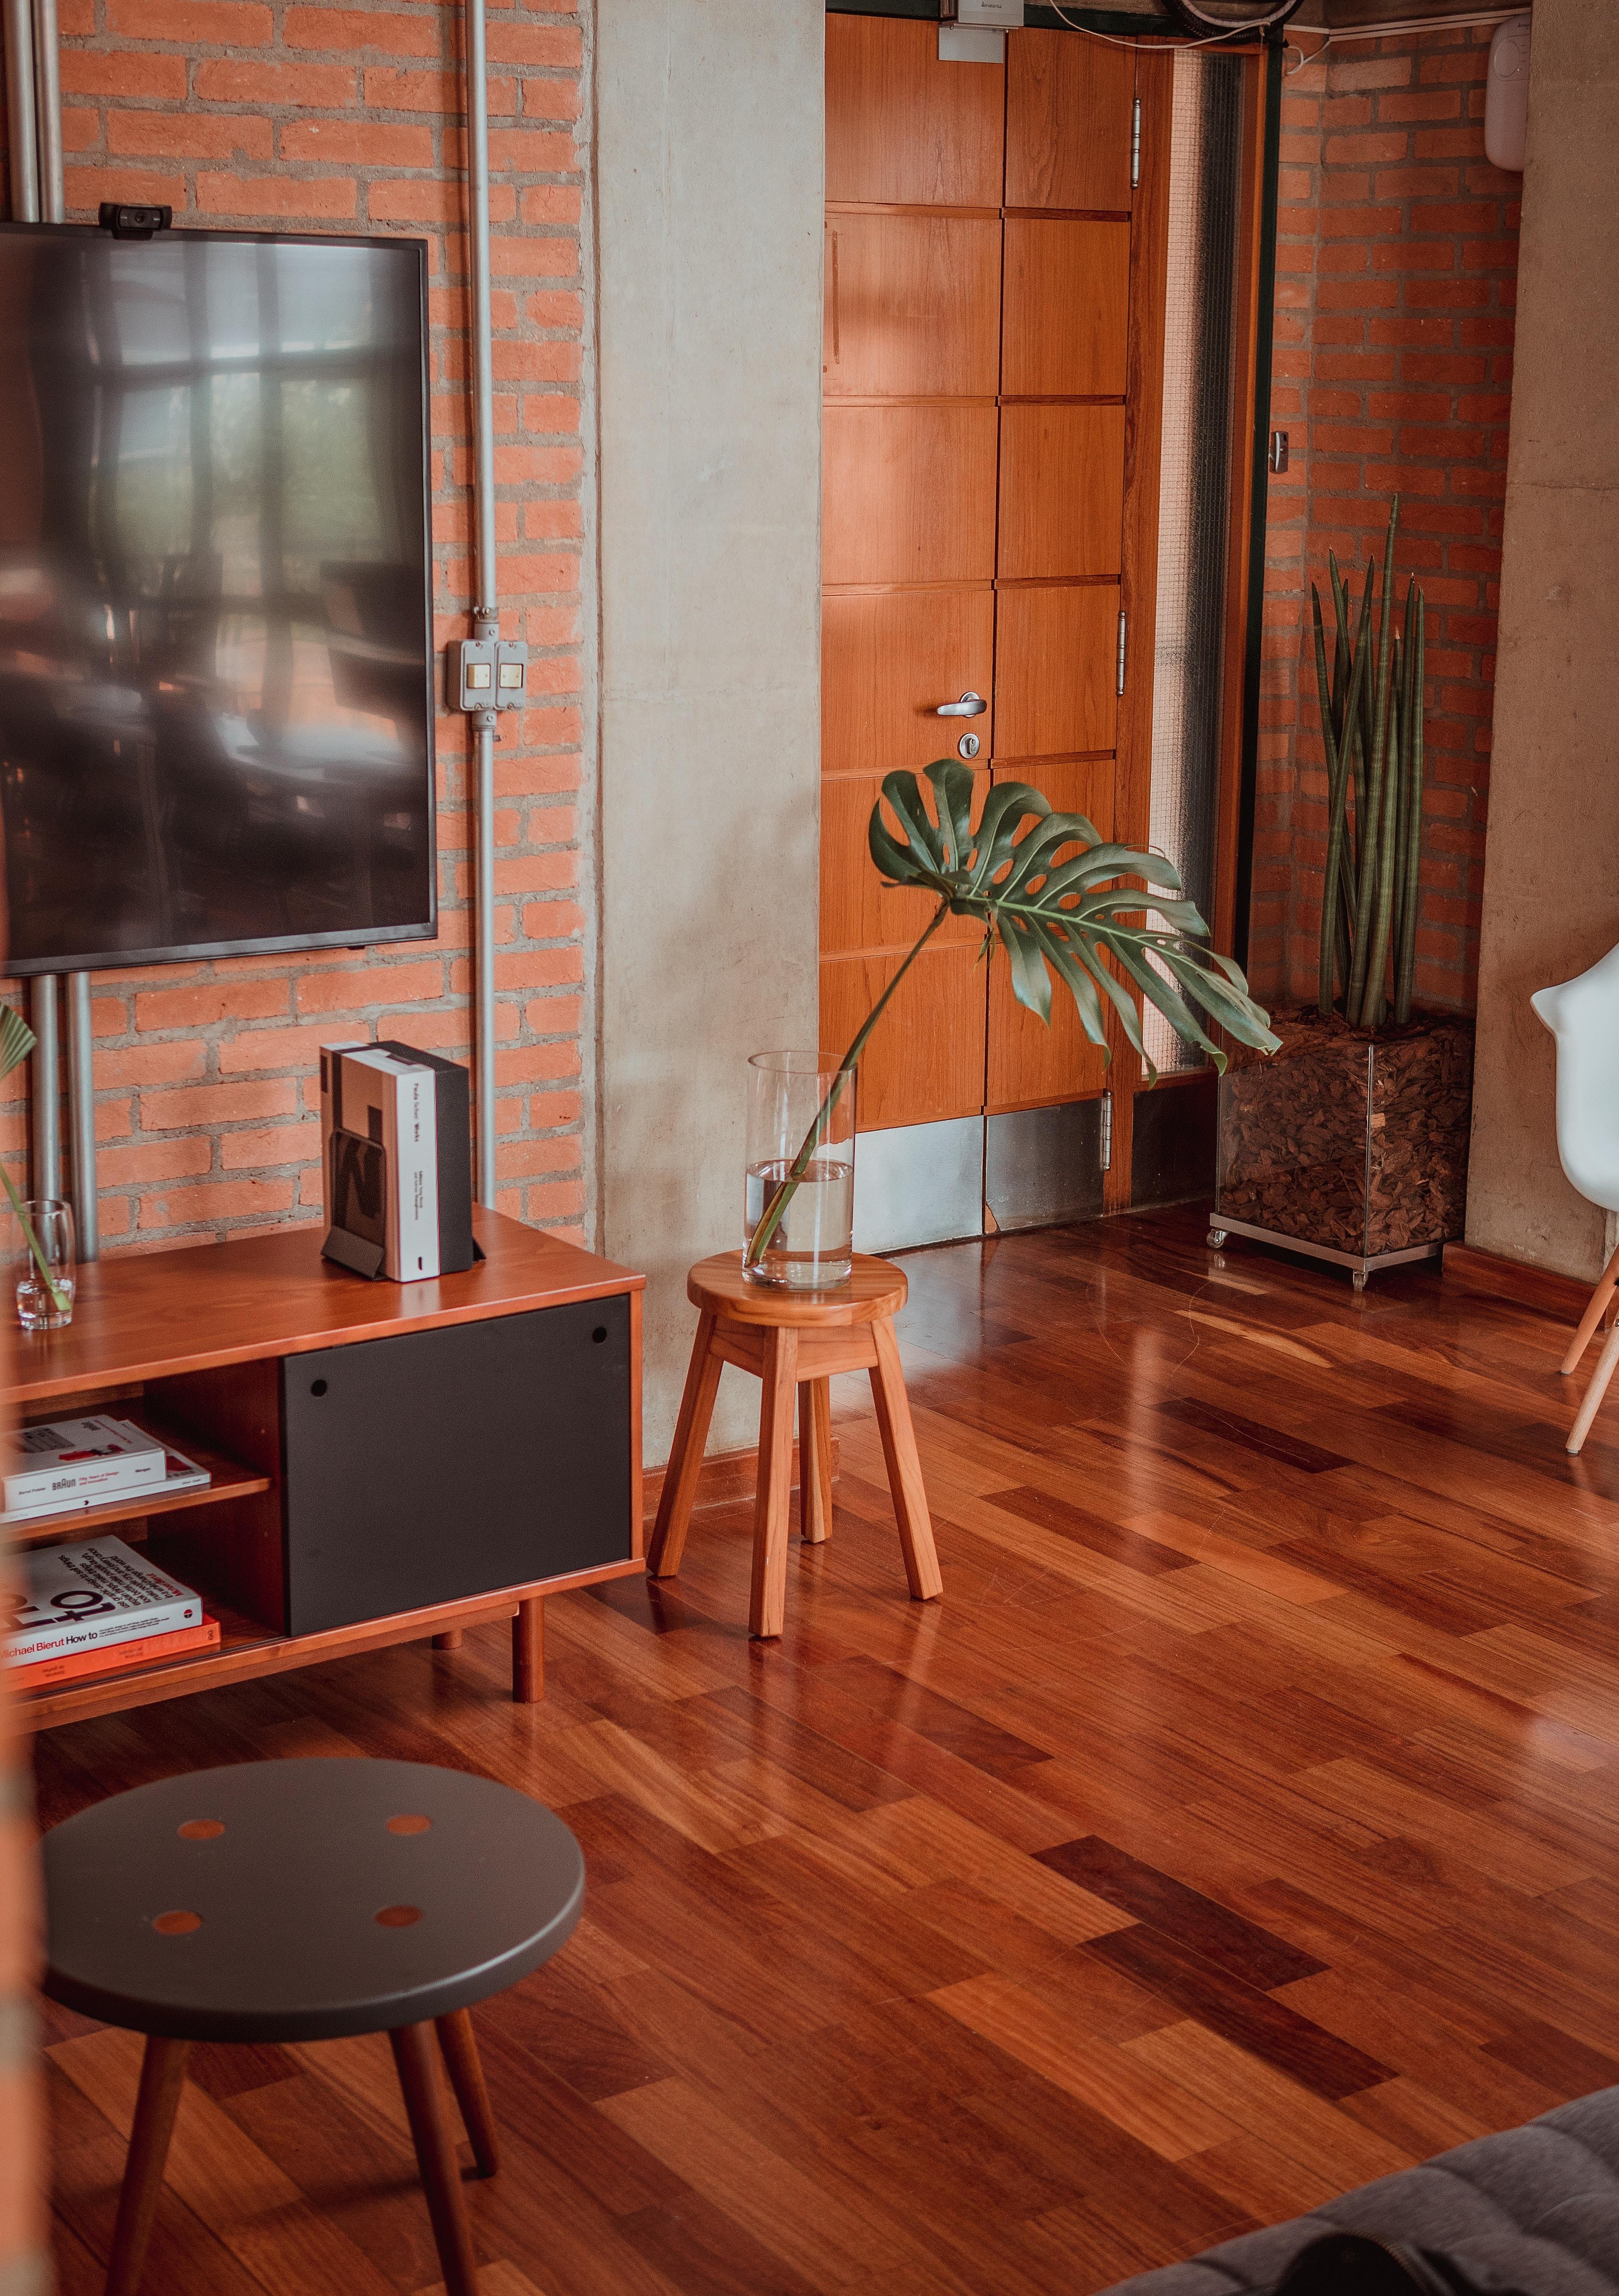 Un parquet foncé dans un intérieur contemporain